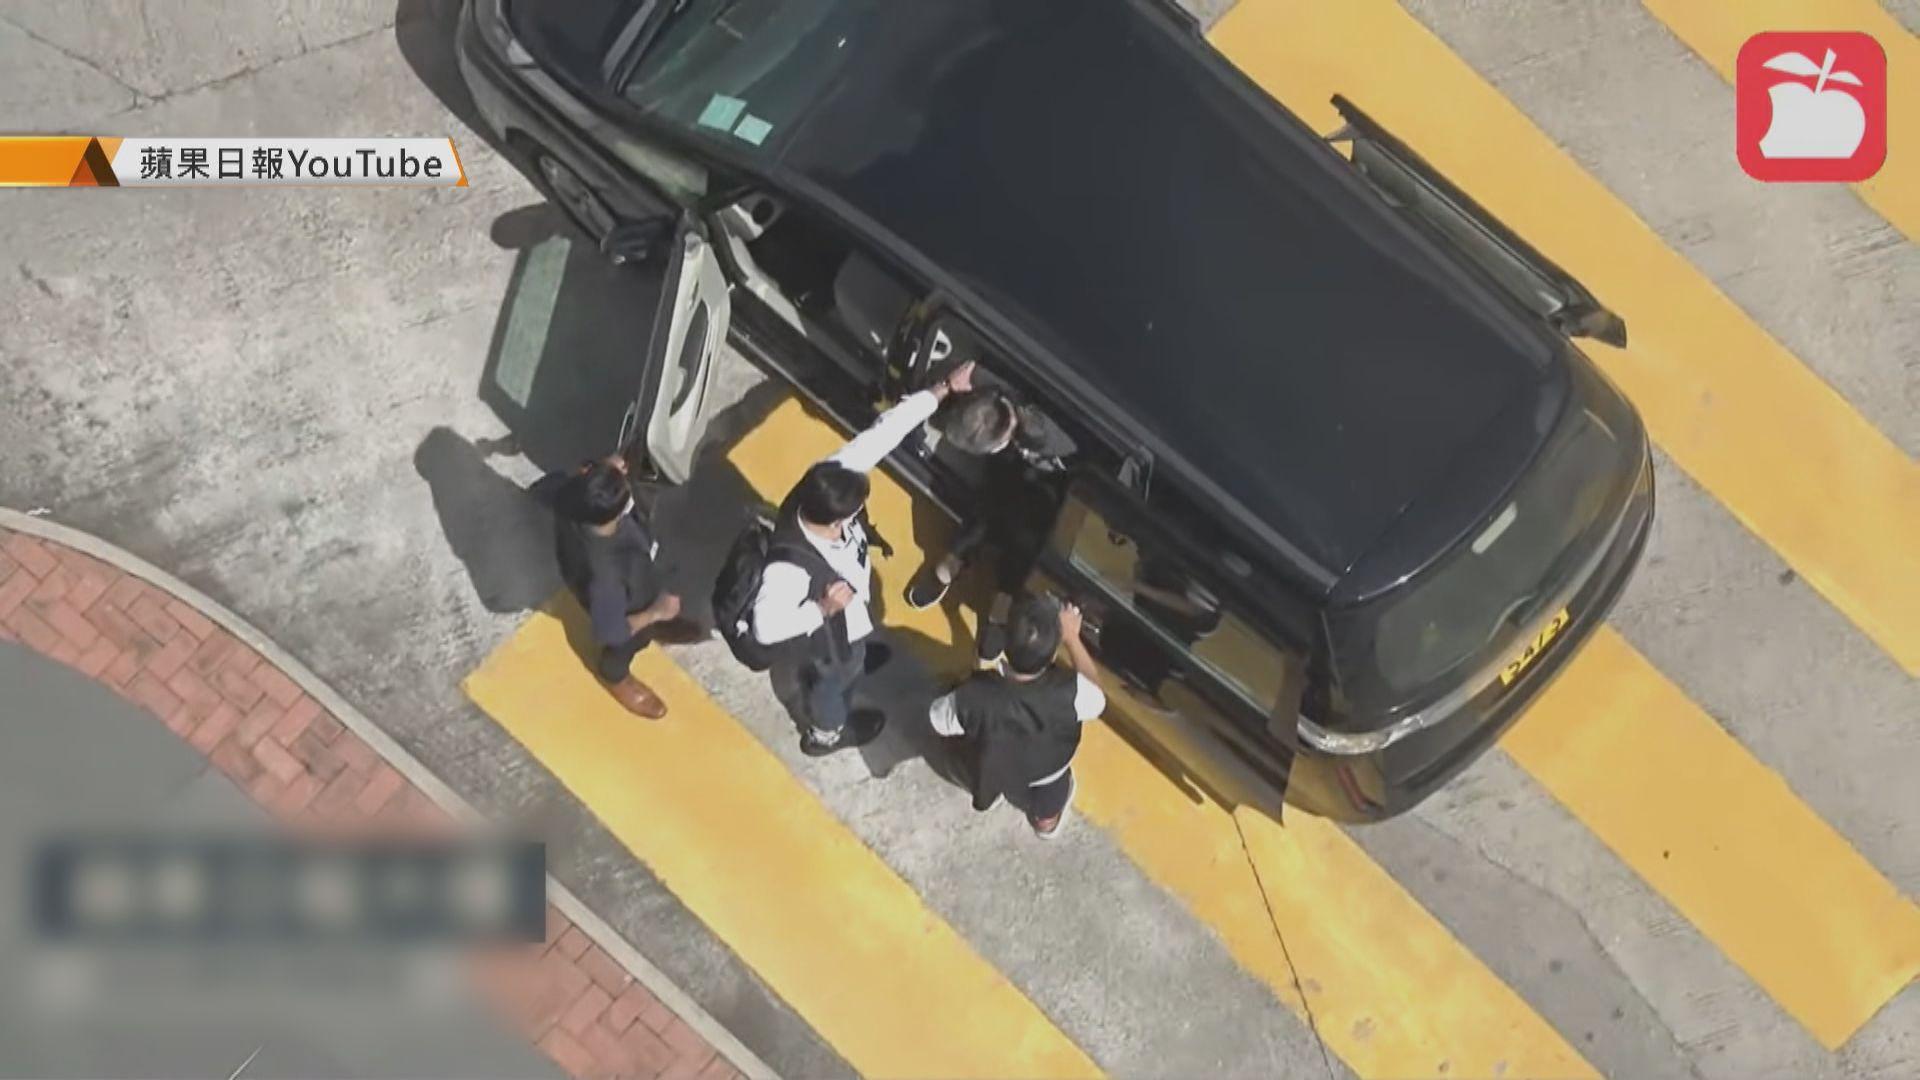 壹傳媒五高層涉違國安法被捕 警方:證據顯示蘋果日報刊發文章是串謀計劃重點